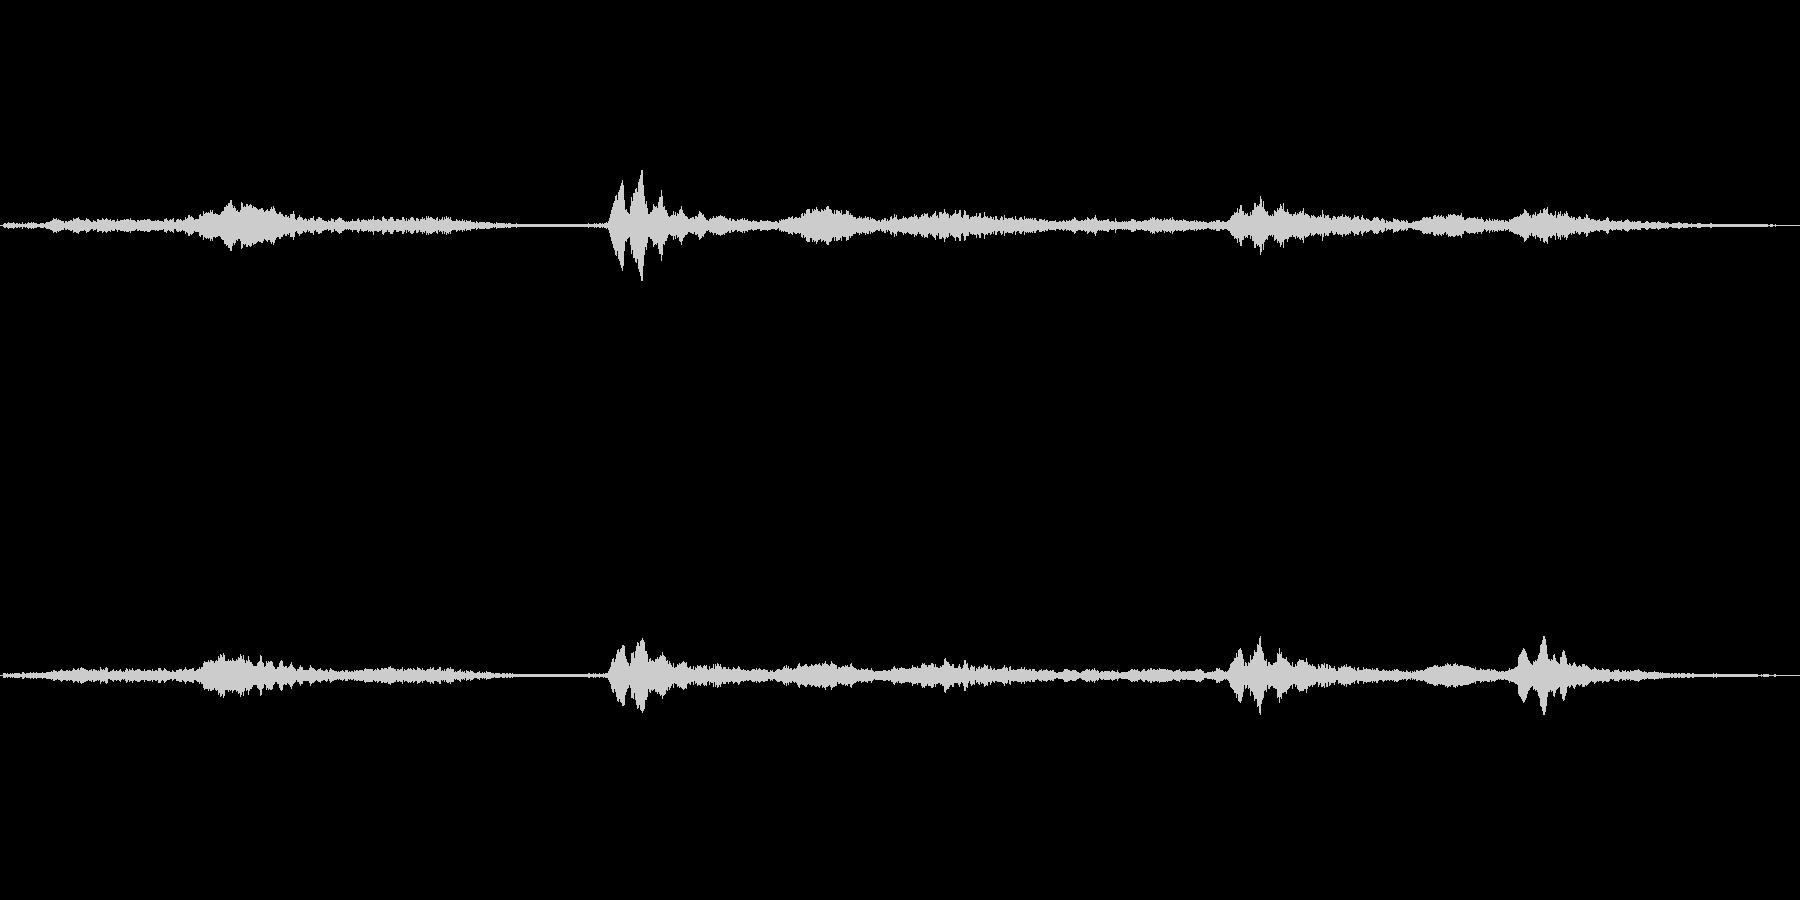 (へろへろした声)の未再生の波形